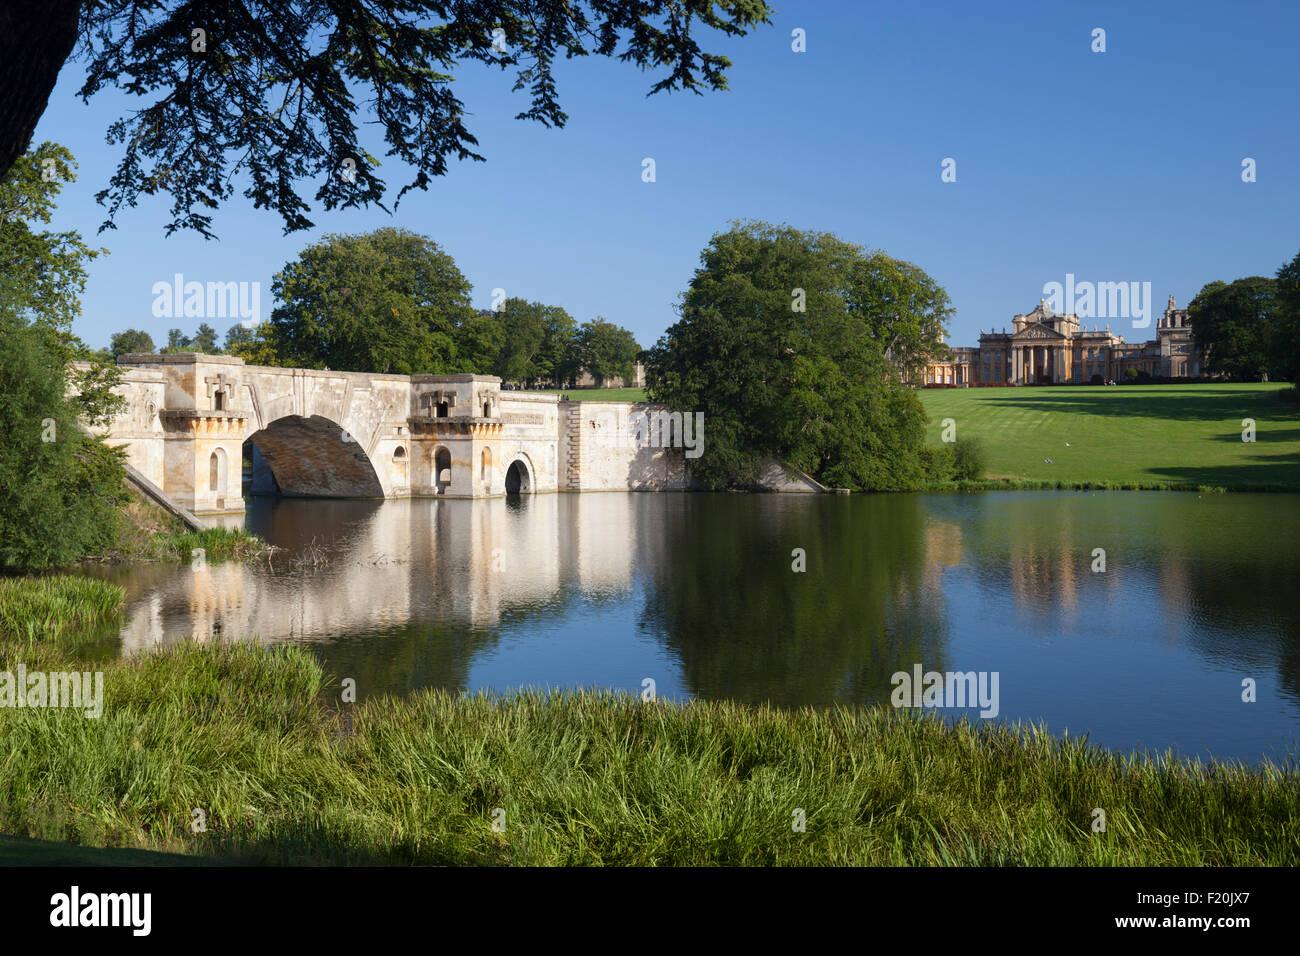 Blenheim Palace and parkland, Woodstock, Oxfordshire, England, United Kingdom, Europe - Stock Image